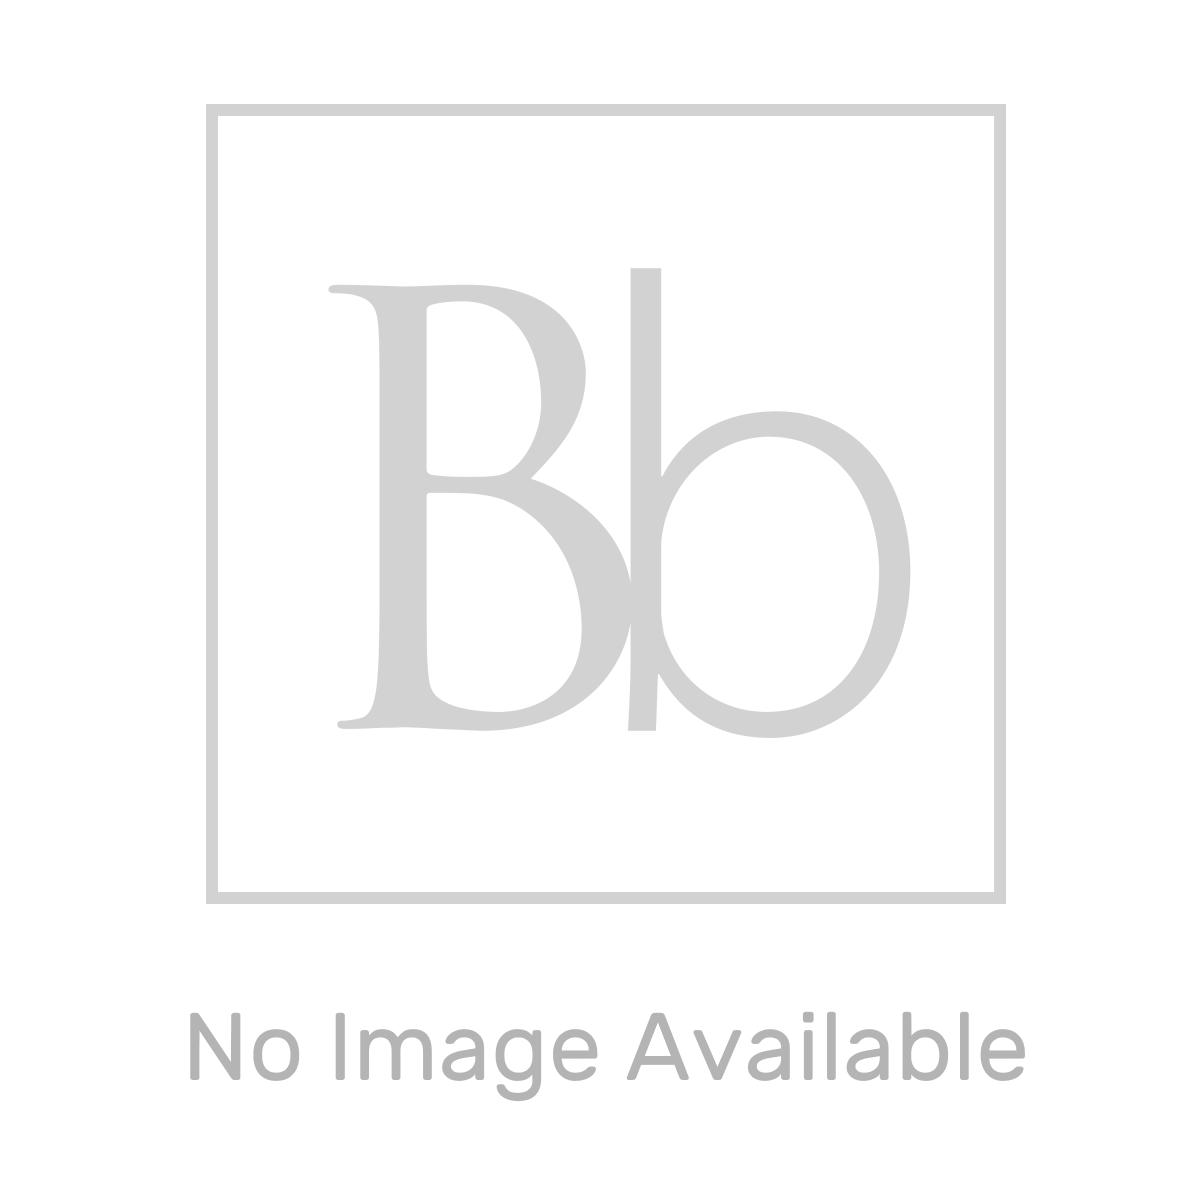 Nuie Eden High Gloss White Floor Standing Cabinet & Basin 1 500mm 1